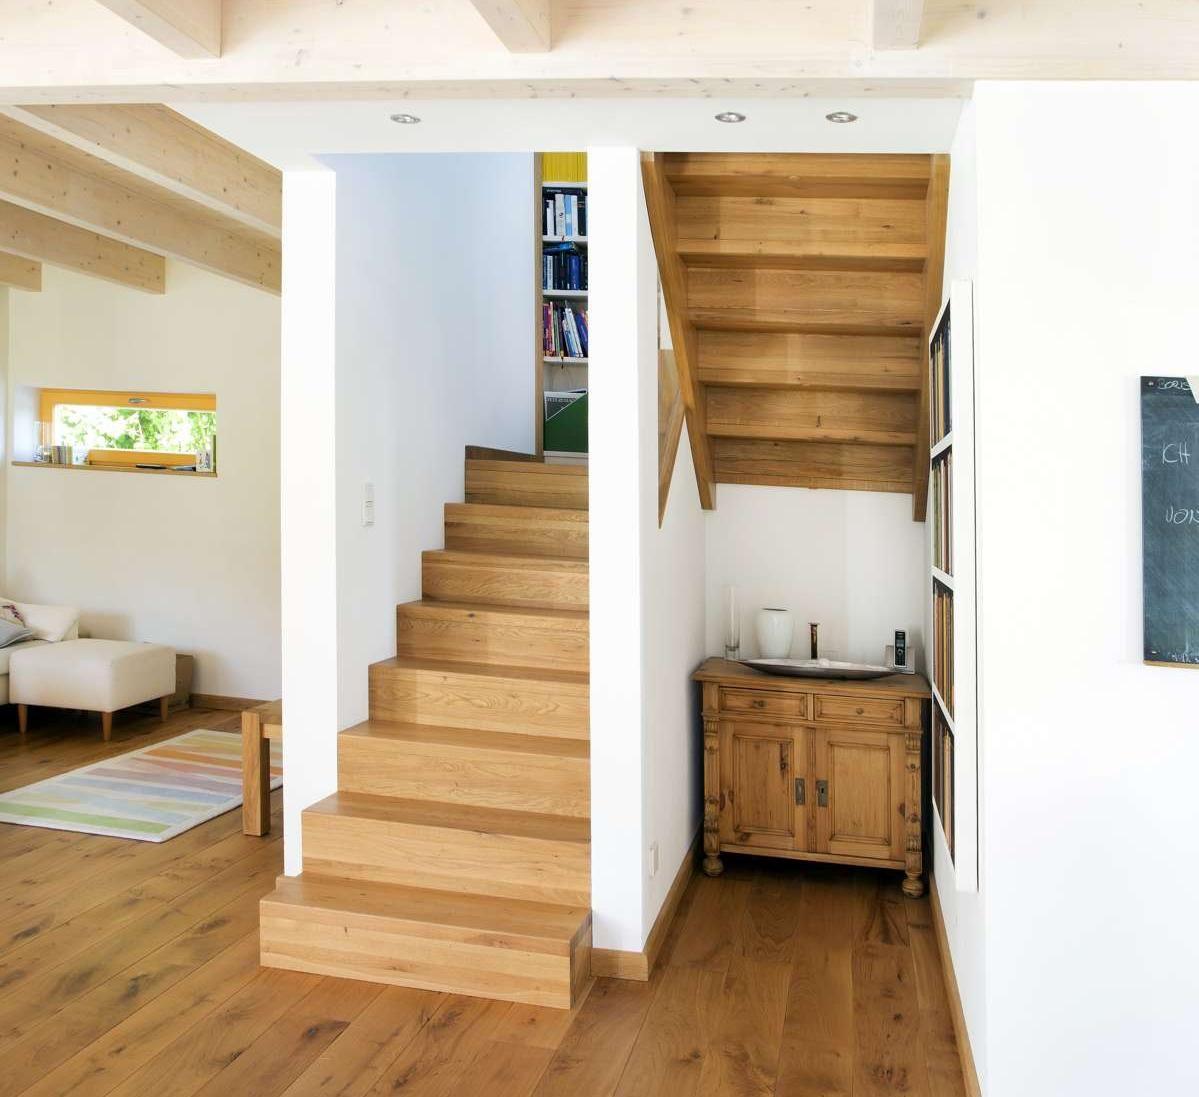 Dachgeschoss, Nur Offen In Den Raum